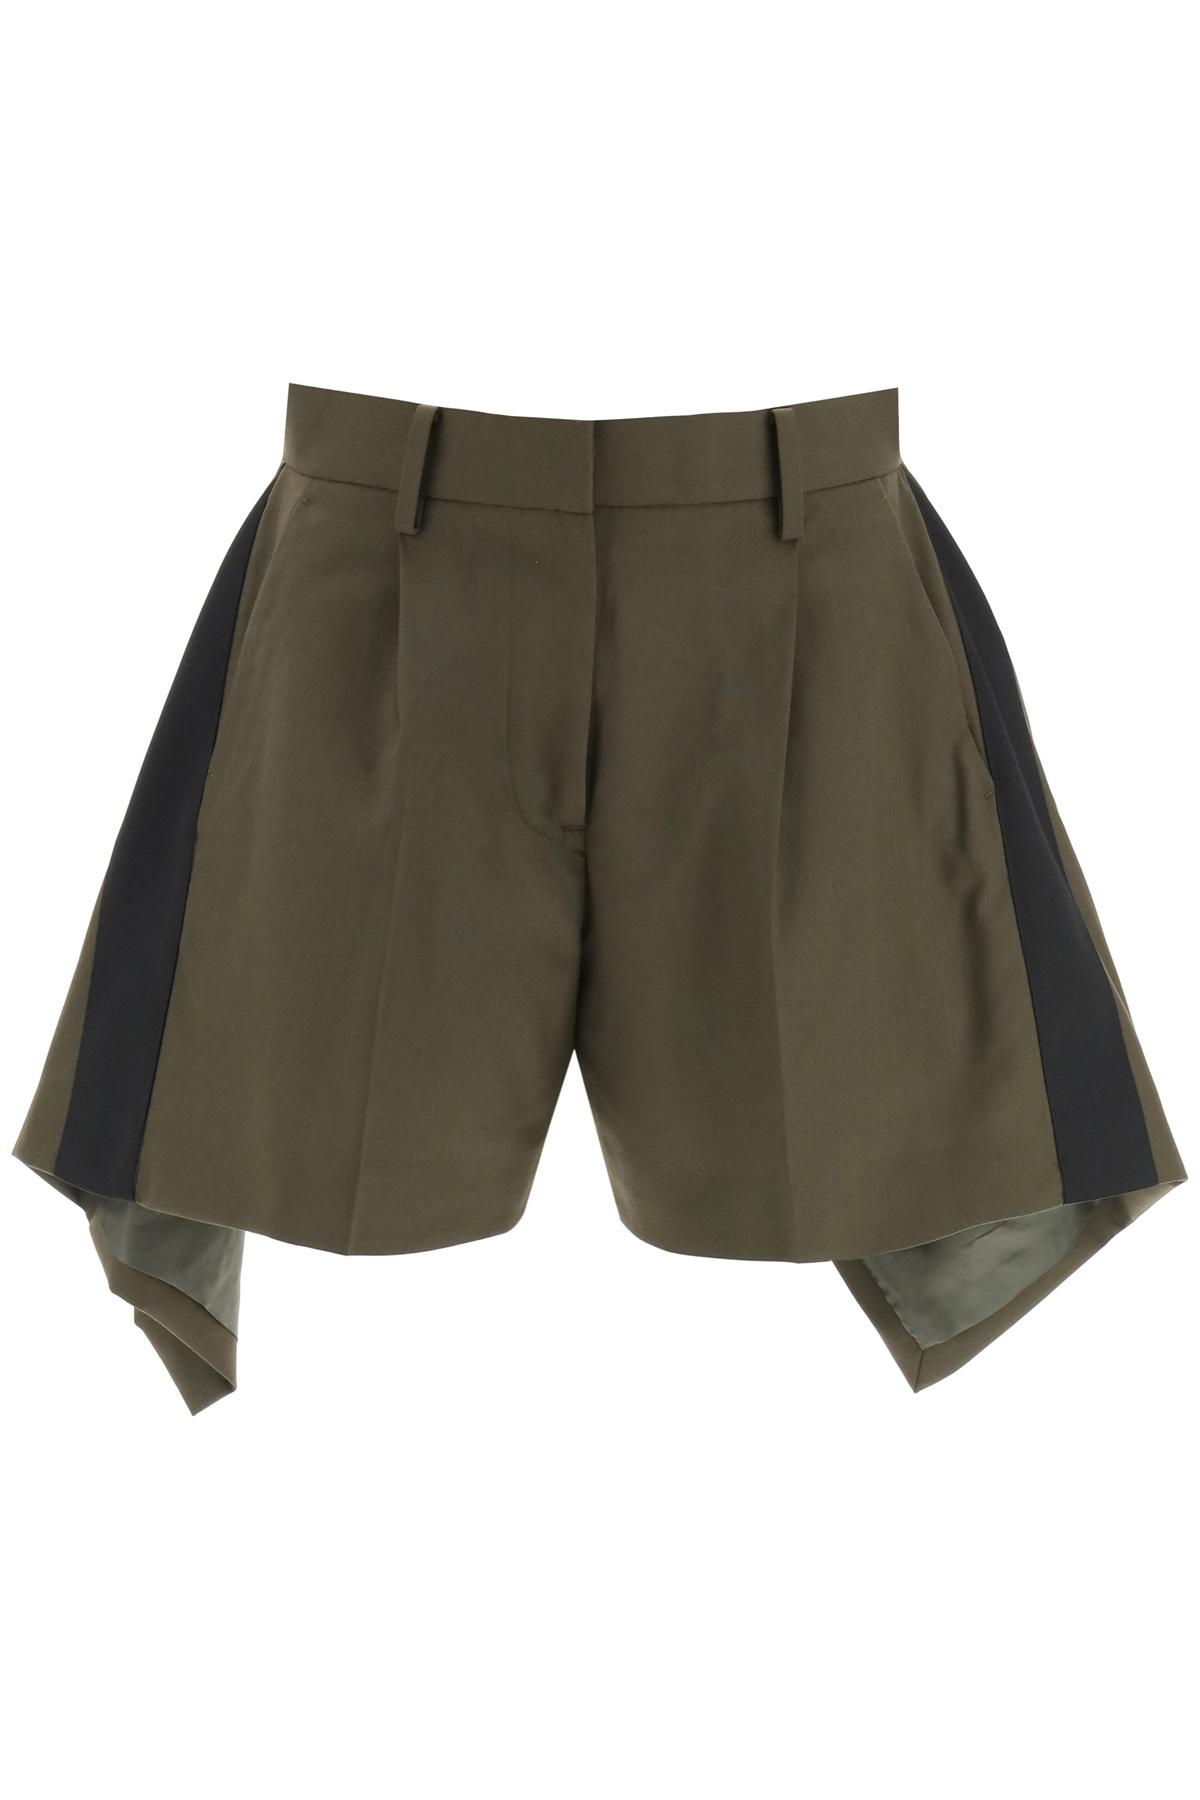 Sacai shorts asimmetrici